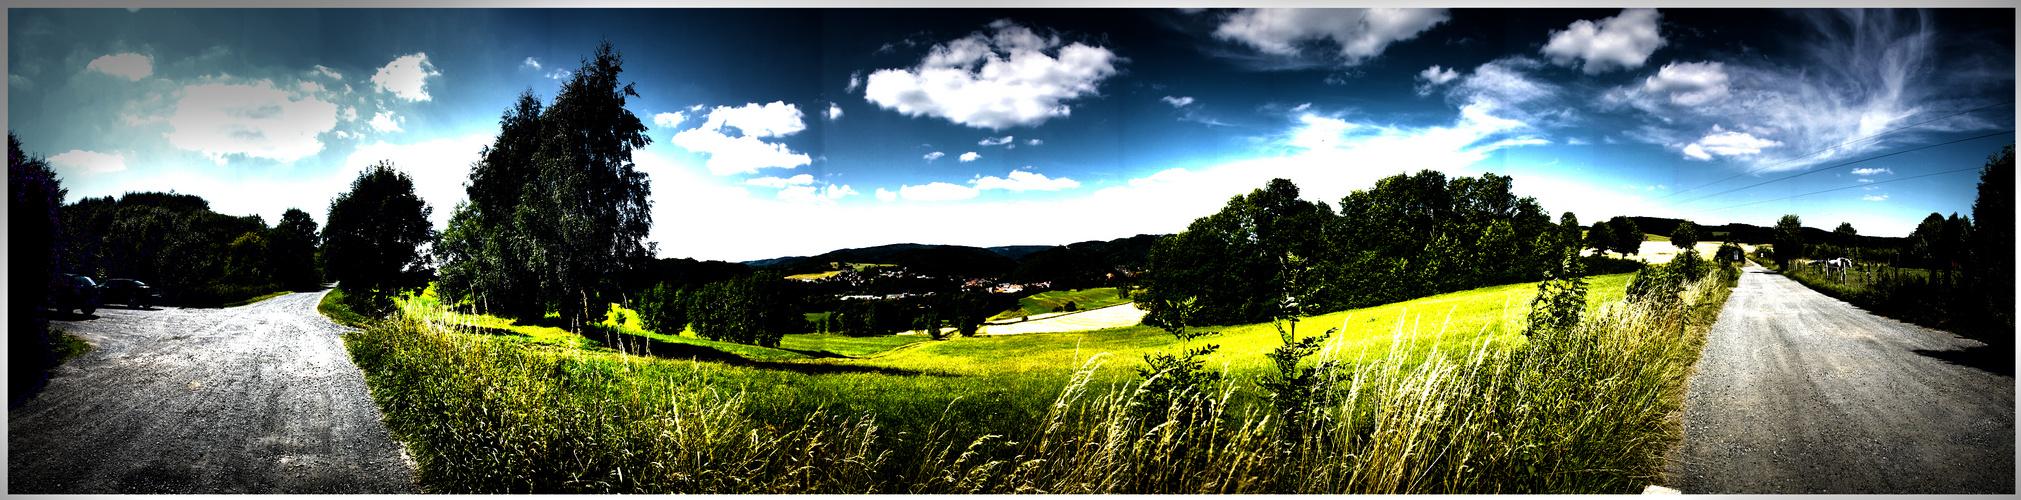 Bad Lauterberg - Panorama